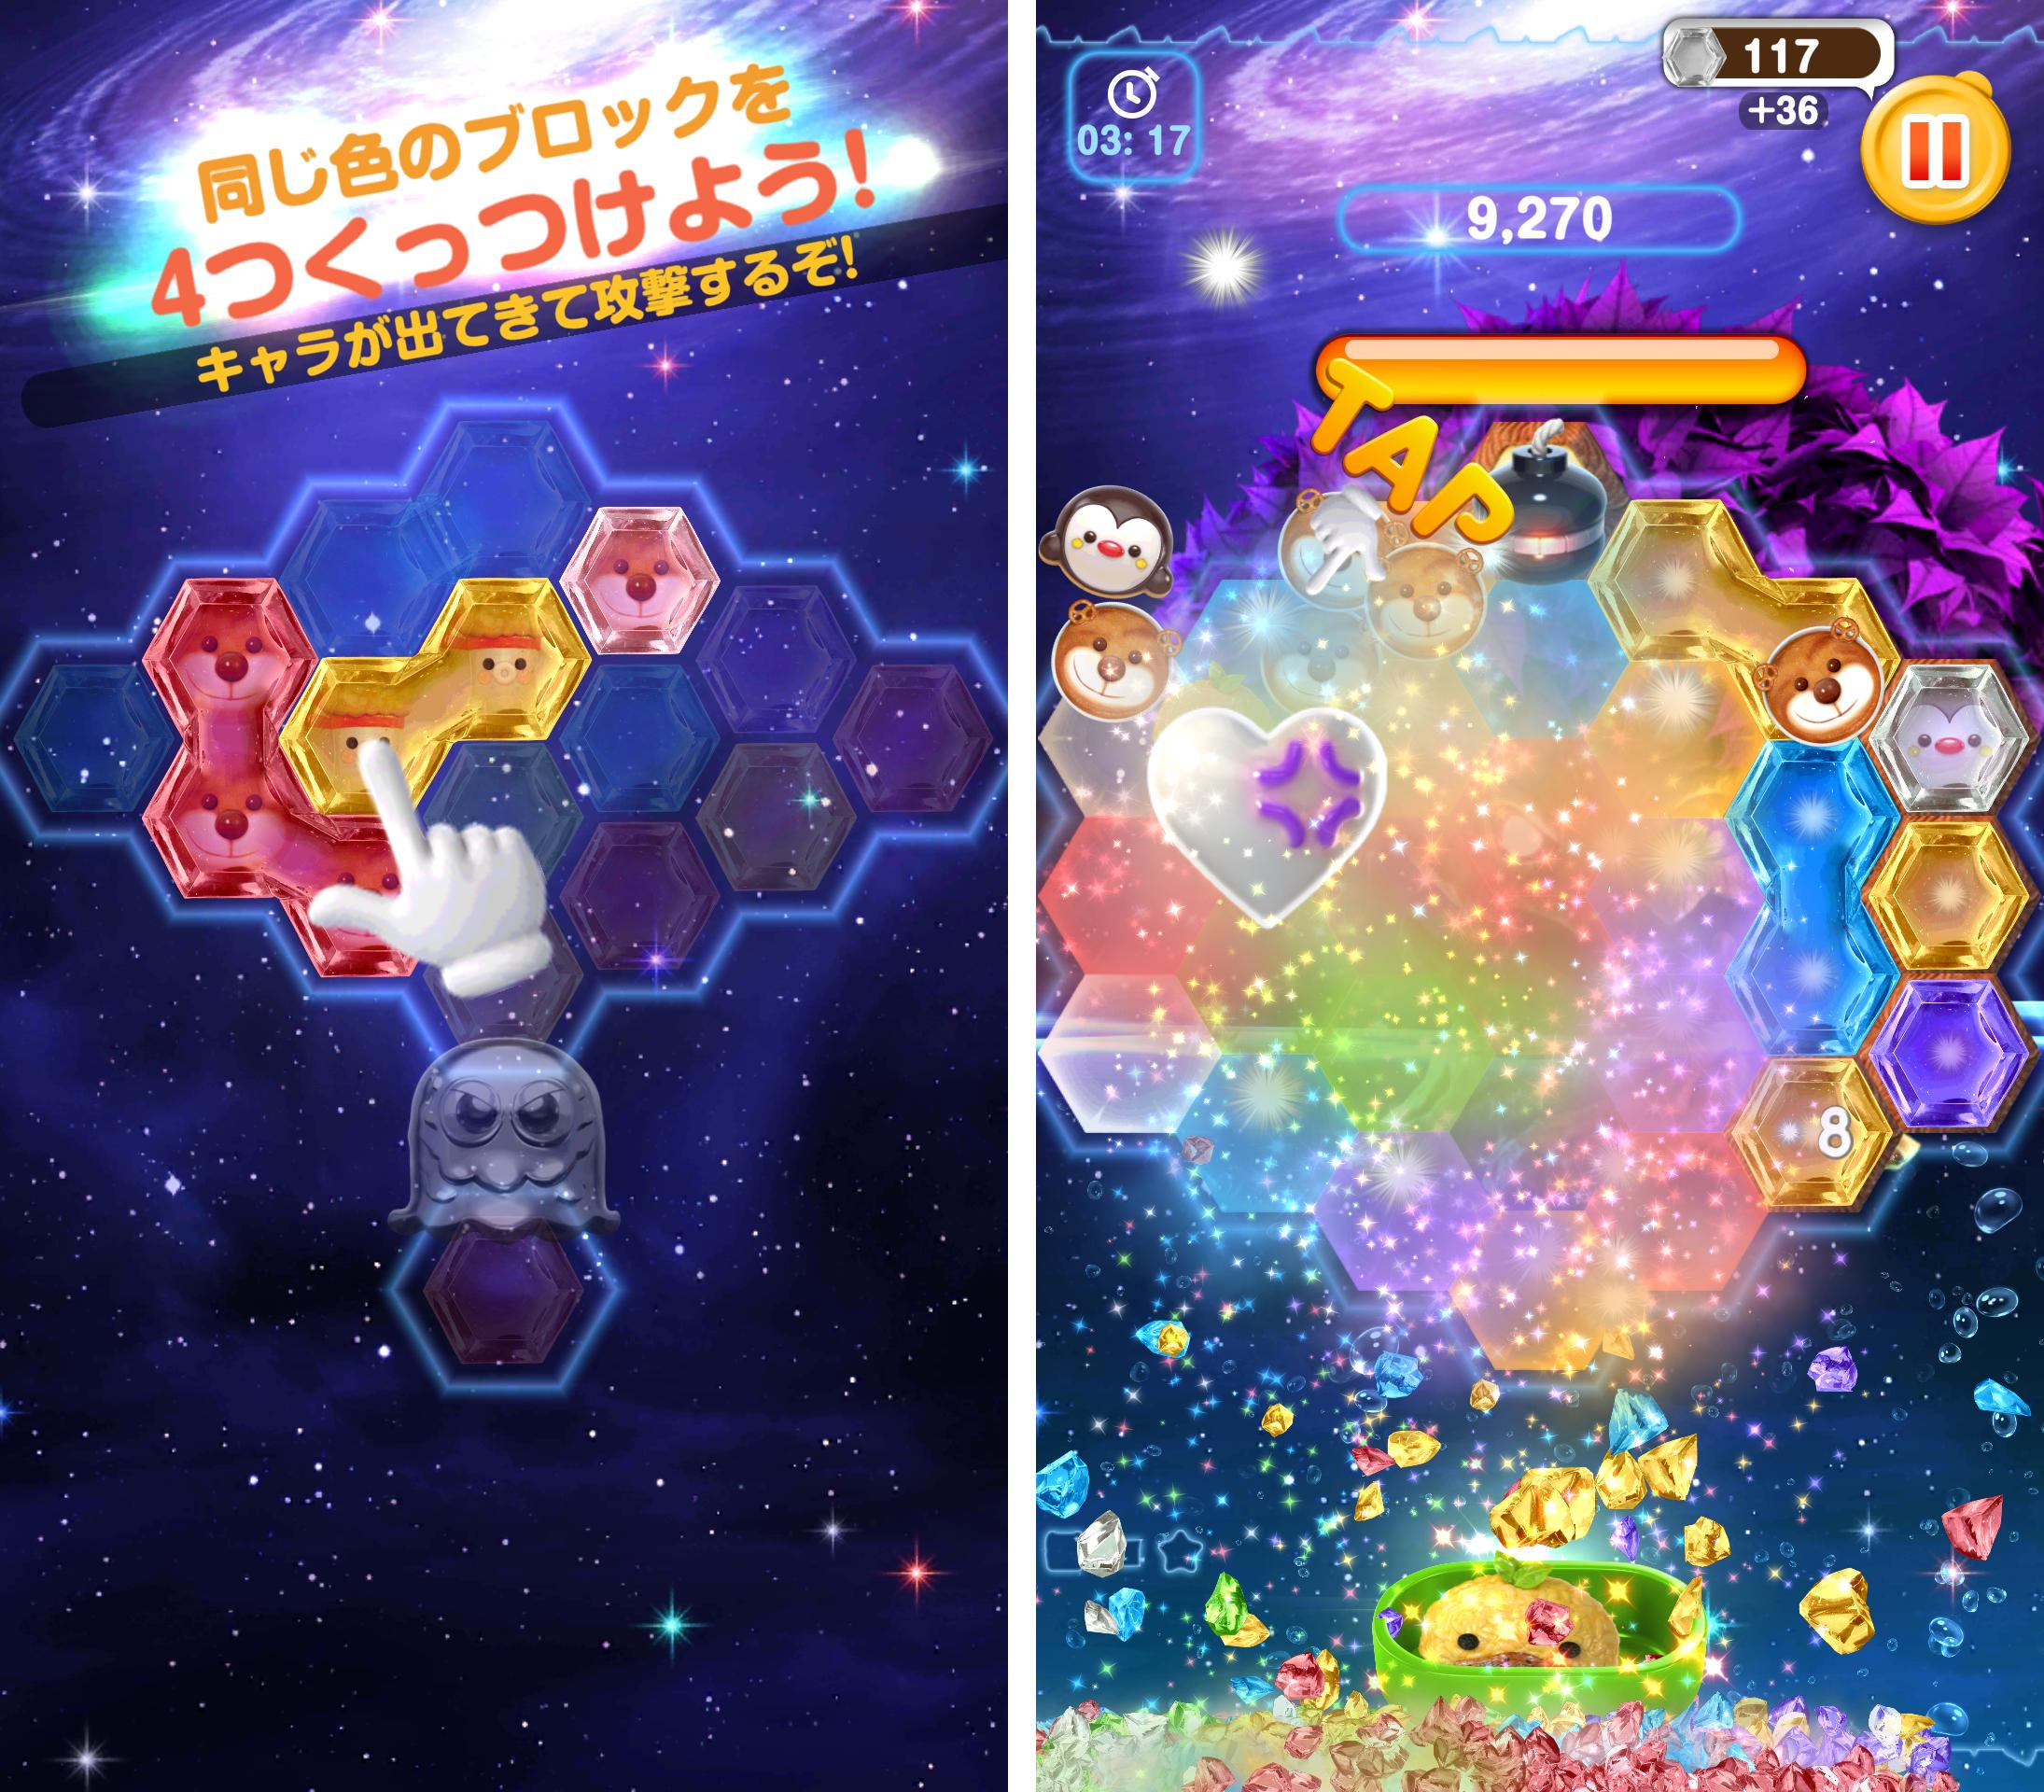 くっつきパズル ピコ androidアプリスクリーンショット1